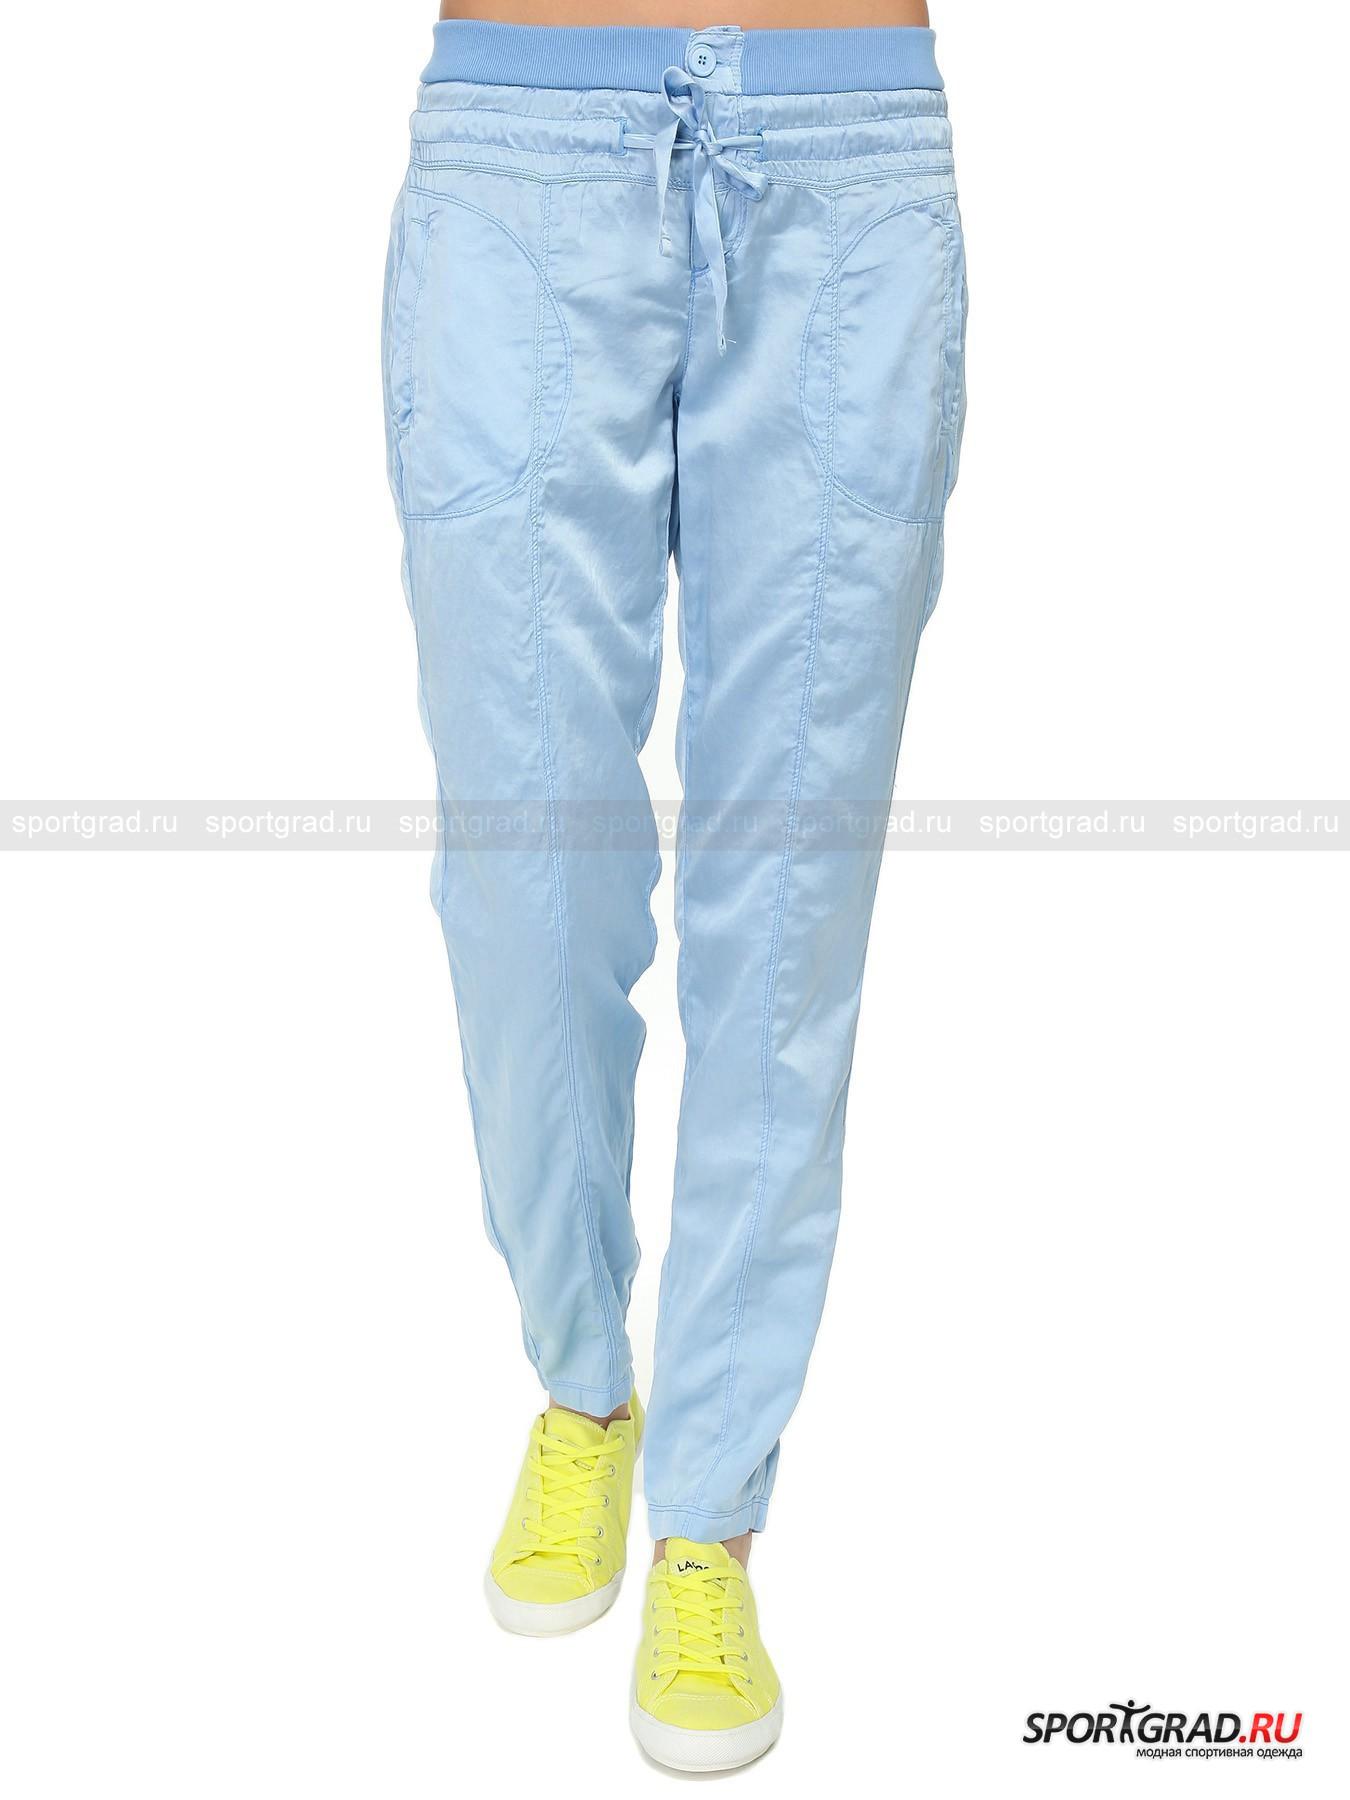 Брюки женские  DEHAБрюки<br>Легкие летние брюки Deha  - очень нежная модель. Ткань, из которой сшиты брюки, наполовину состоит из шелка, что придает материалу приятный матовый блеск и гладкость. Штанины скроены из трех частей для лучшего облегания ног. Модель имеет трикотажный пояс, обеспечивающий комфортную посадку, застежку-молнию и пуговицу,  а также кулиску с шелковой лентой, обхватывающей бедра. Сзади есть два кармана-обманки, а вот карманы спереди вполне настоящие, хоть  и неглубокие. Рядом с левым карманом находится аппликация в виде логотипа марки Deha.<br><br>Пол: Женский<br>Возраст: Взрослый<br>Тип: Брюки<br>Рекомендации по уходу: стирка в теплой воде до 30 С; не отбеливать; гладить слегка нагретым утюгом (температура до 120 C); химчистка запрещена; нельзя выжимать и сушить в стиральной машине<br>Состав: 51% шелк, 49% хлопок